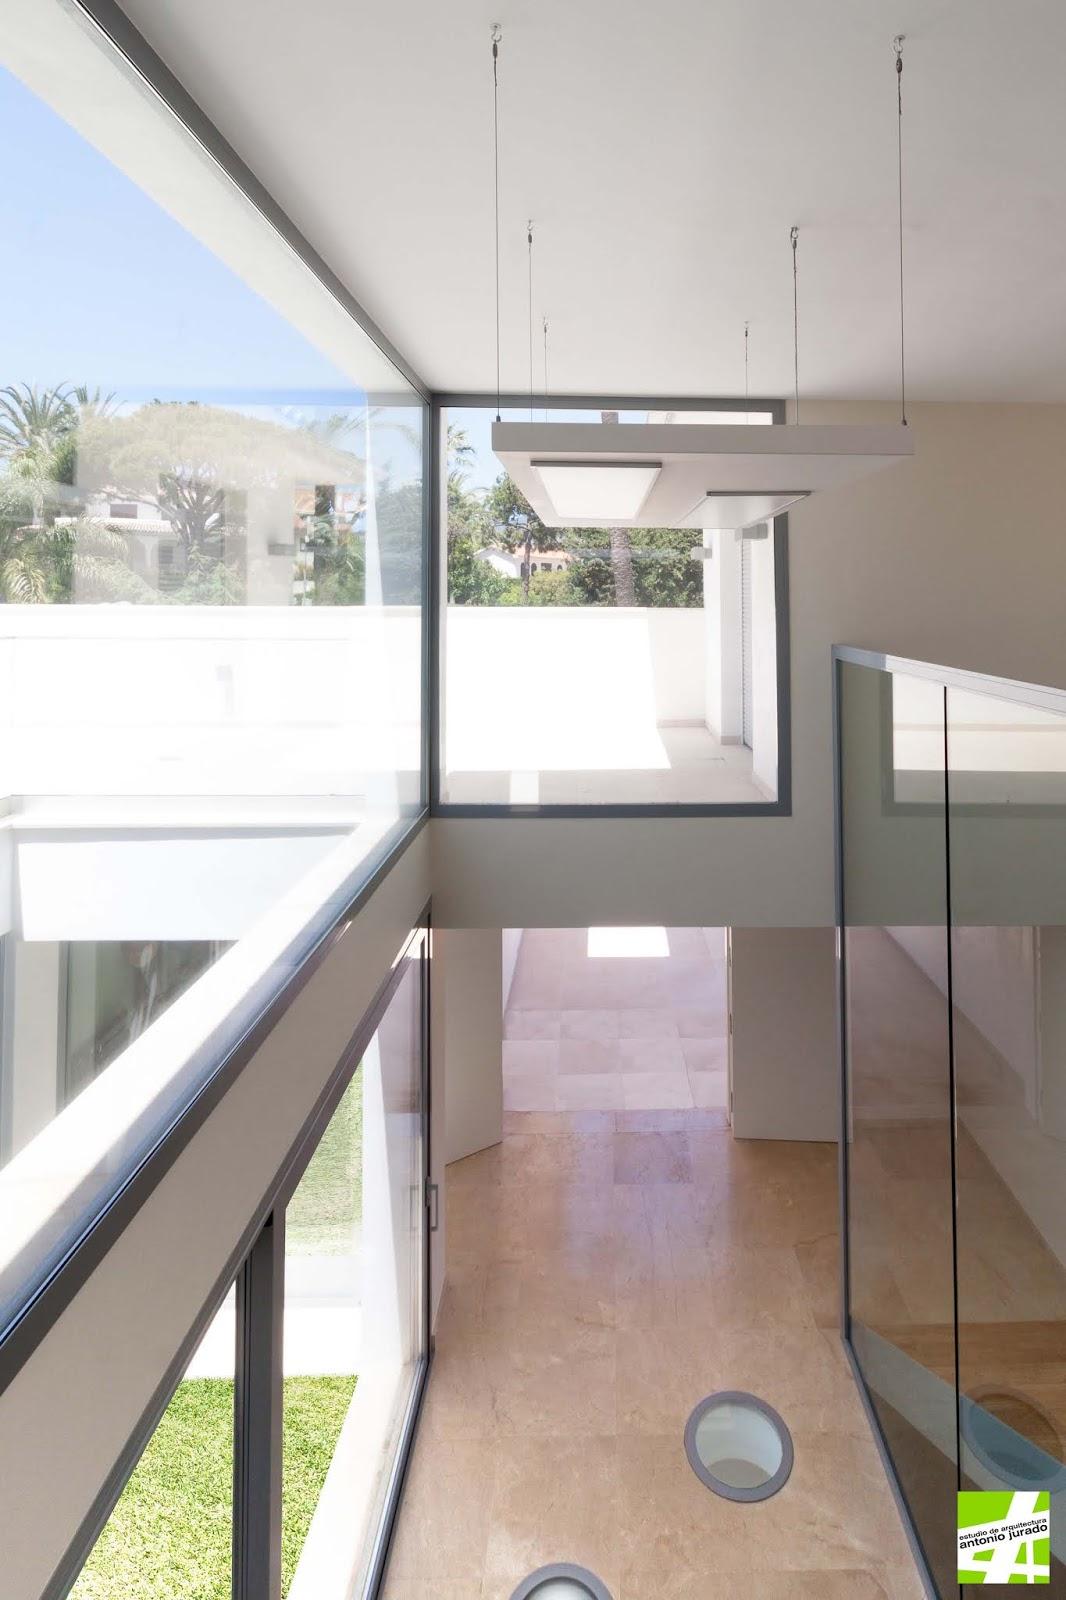 casa-ph-marbella-malaga-antonio-jurado-arquitecto-10